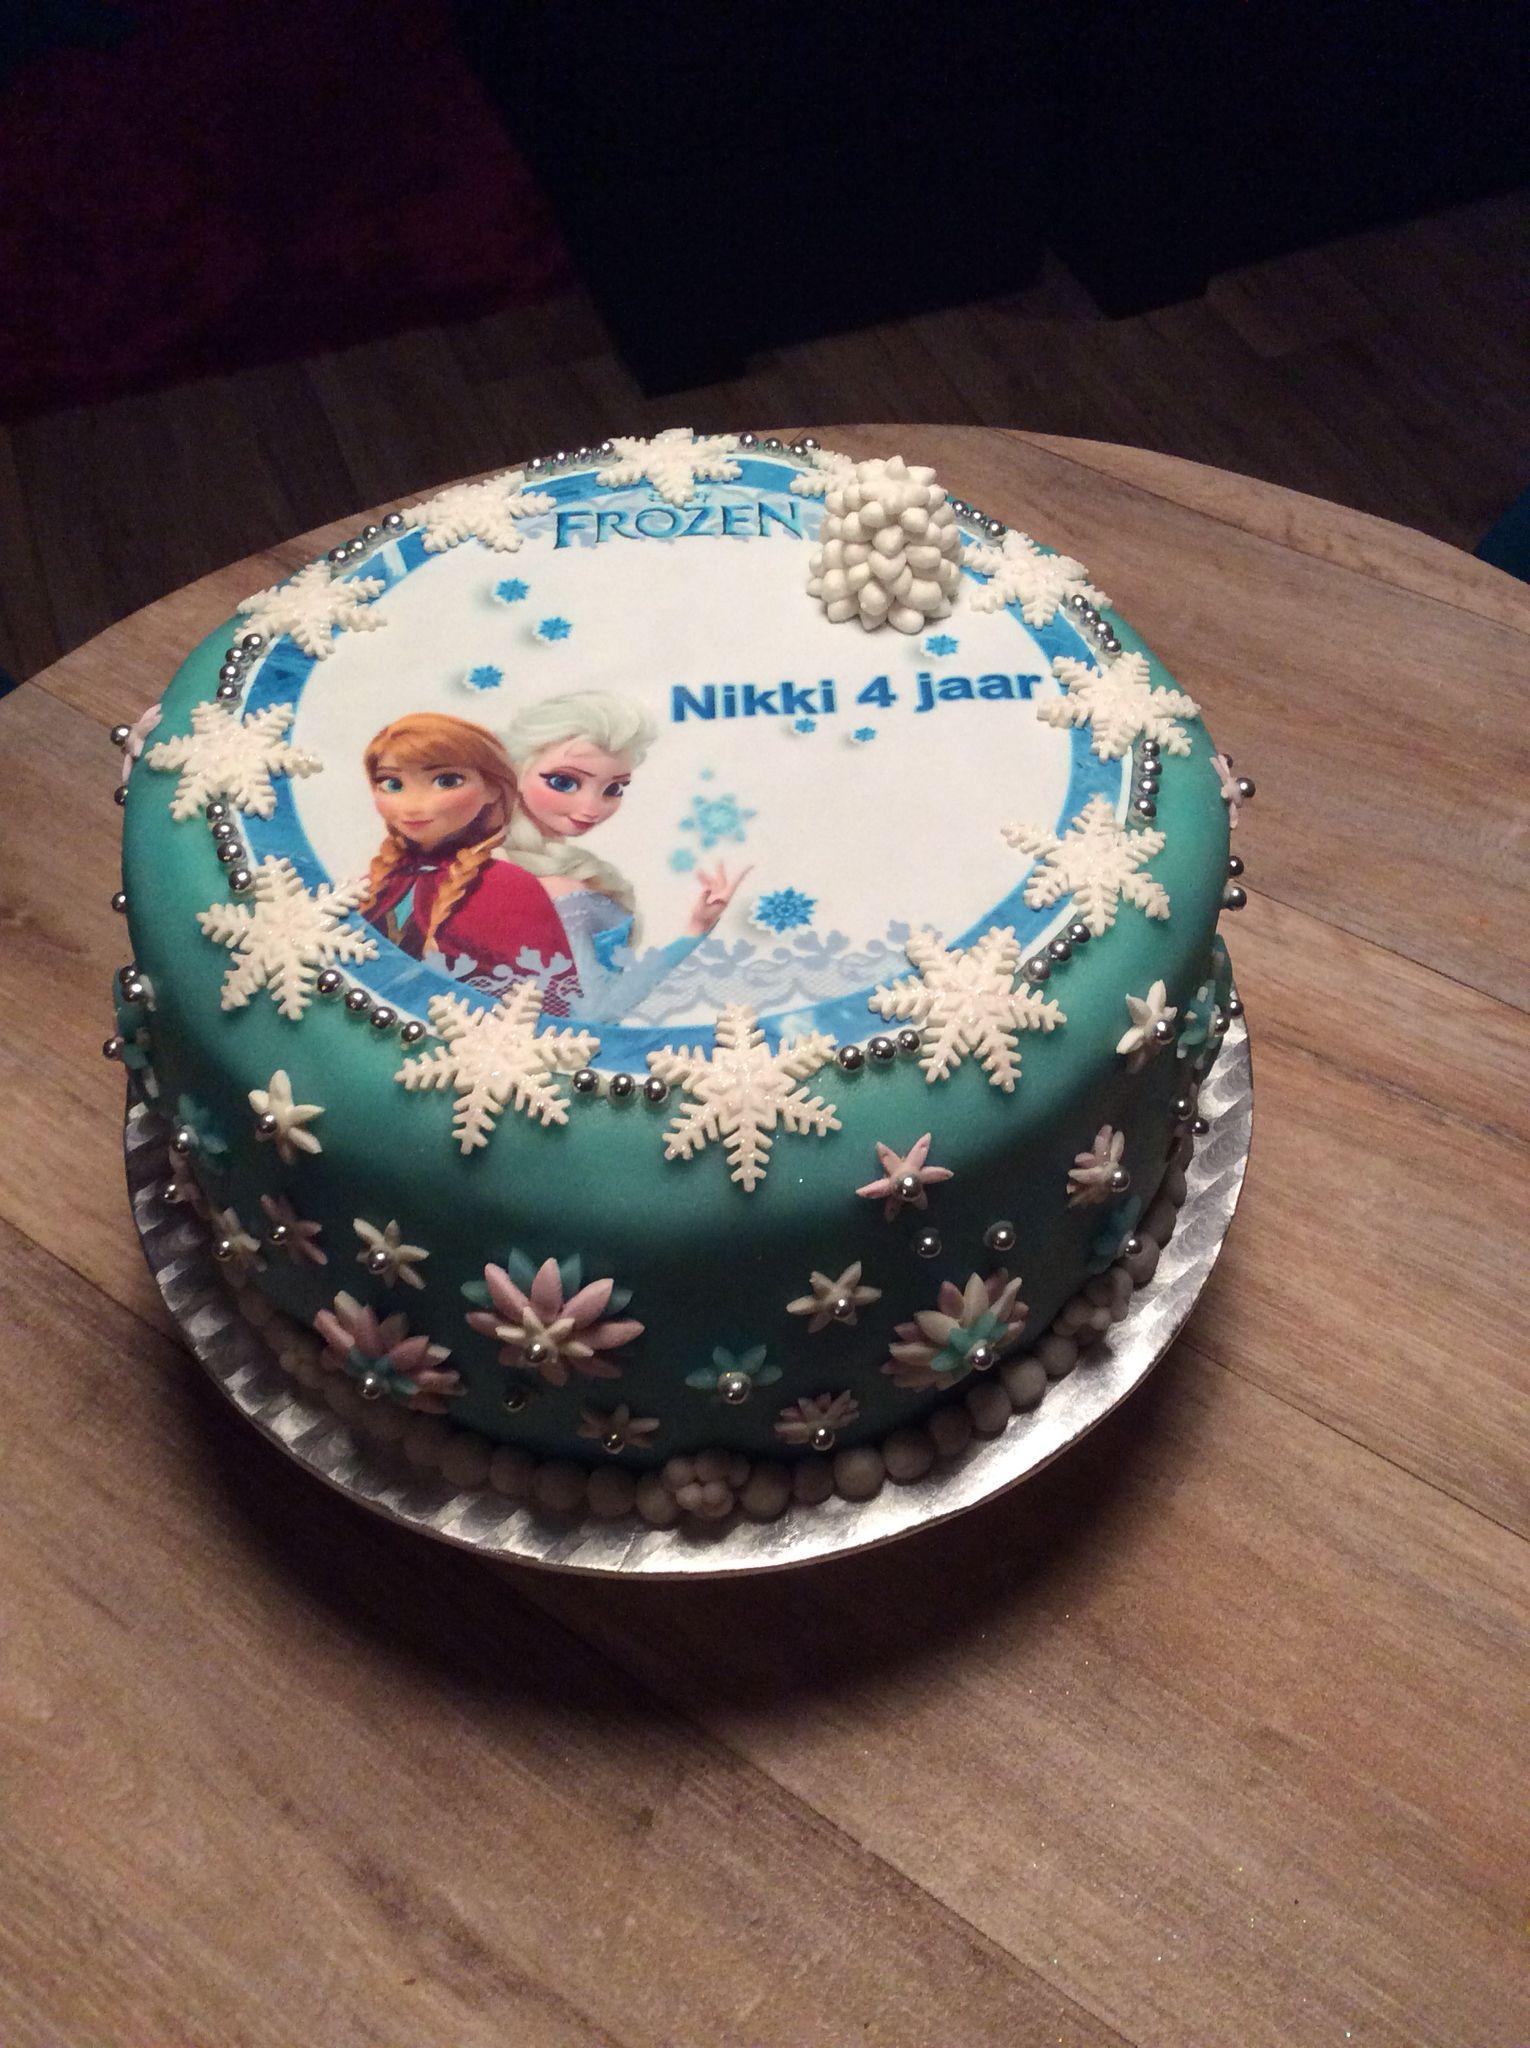 Frozen birthday cake for 4 year old homemade Pinterest